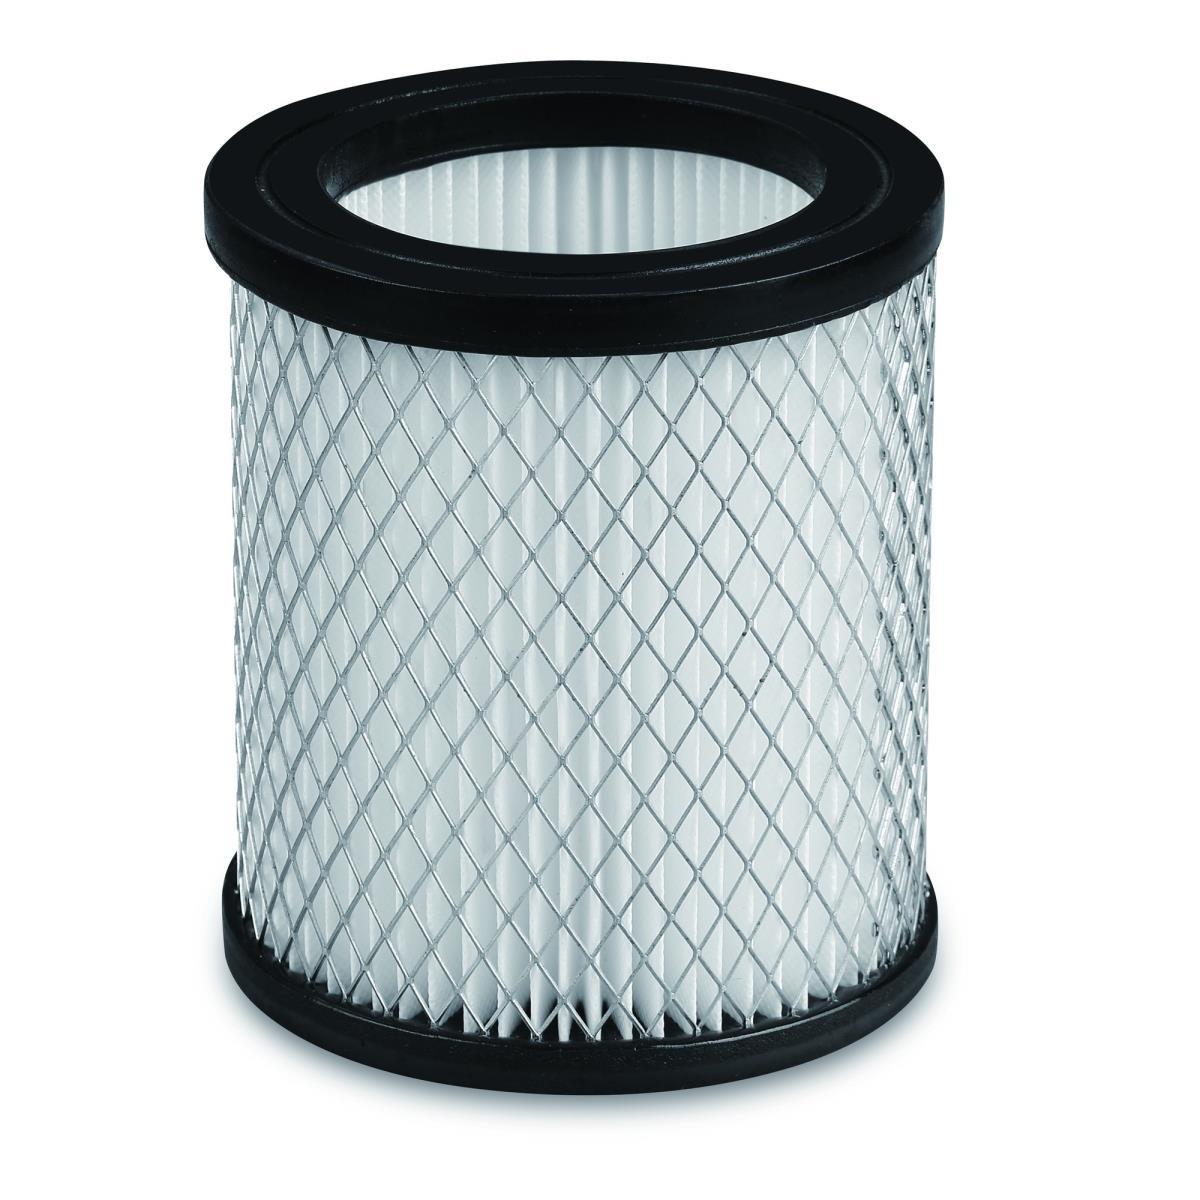 Ersatzfilter Aschesauger Dauerfilter Lamellenfilter Feinfilter Feinstaub Filter,Flammifera,000051094527, 4770364216640